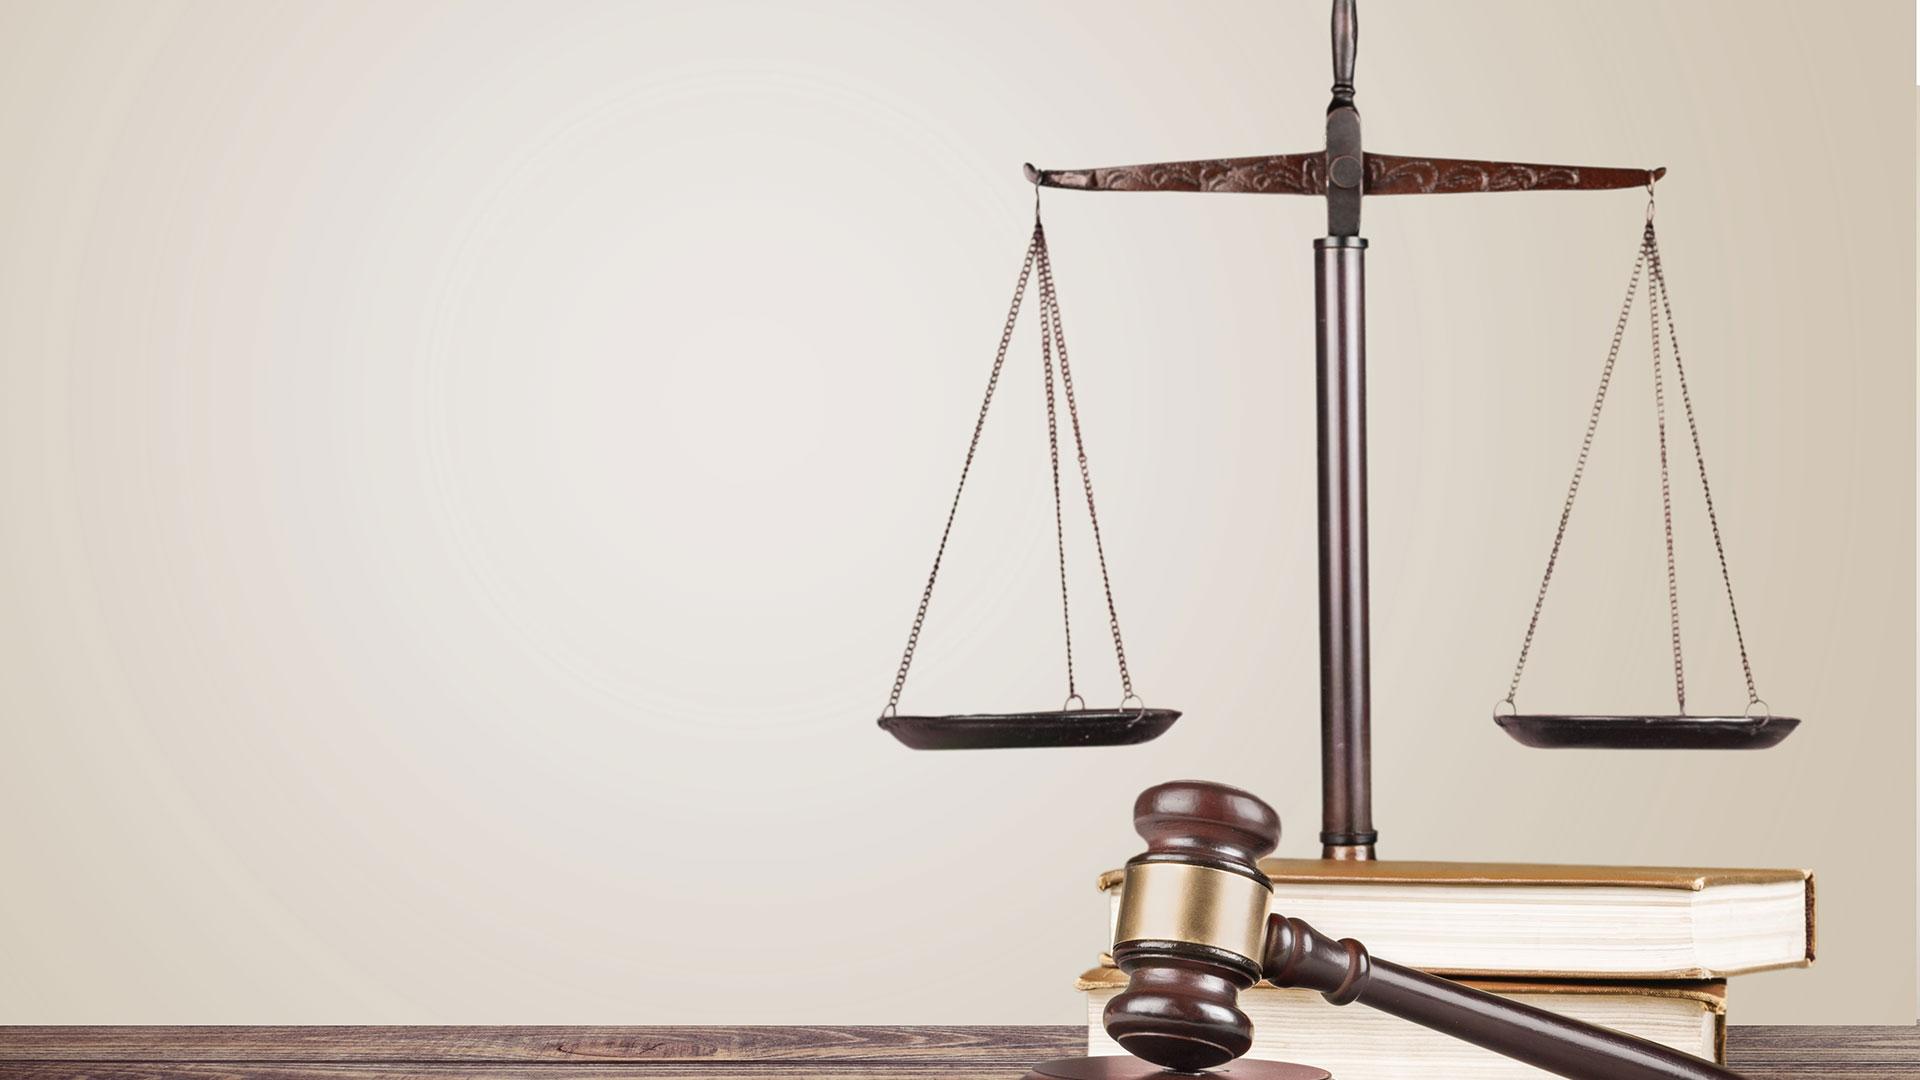 บริหารทนายฟ้องชนะคดีให้ได้เงิน